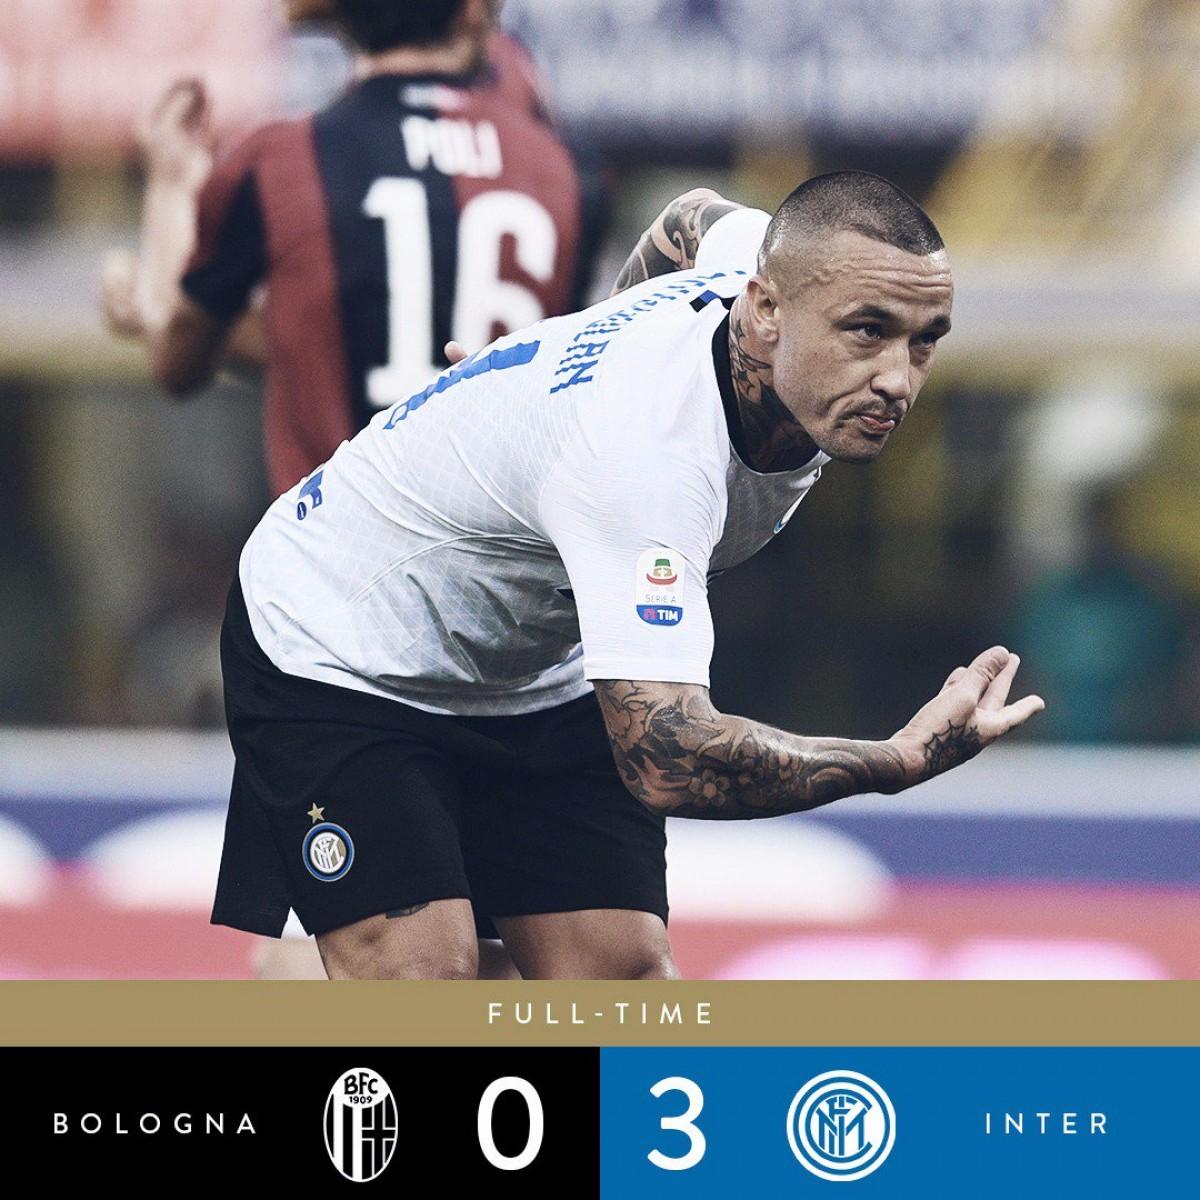 Serie A - Tra fatica, pazienza e tanta strategia l'Inter si impone sul Bologna (3-0)